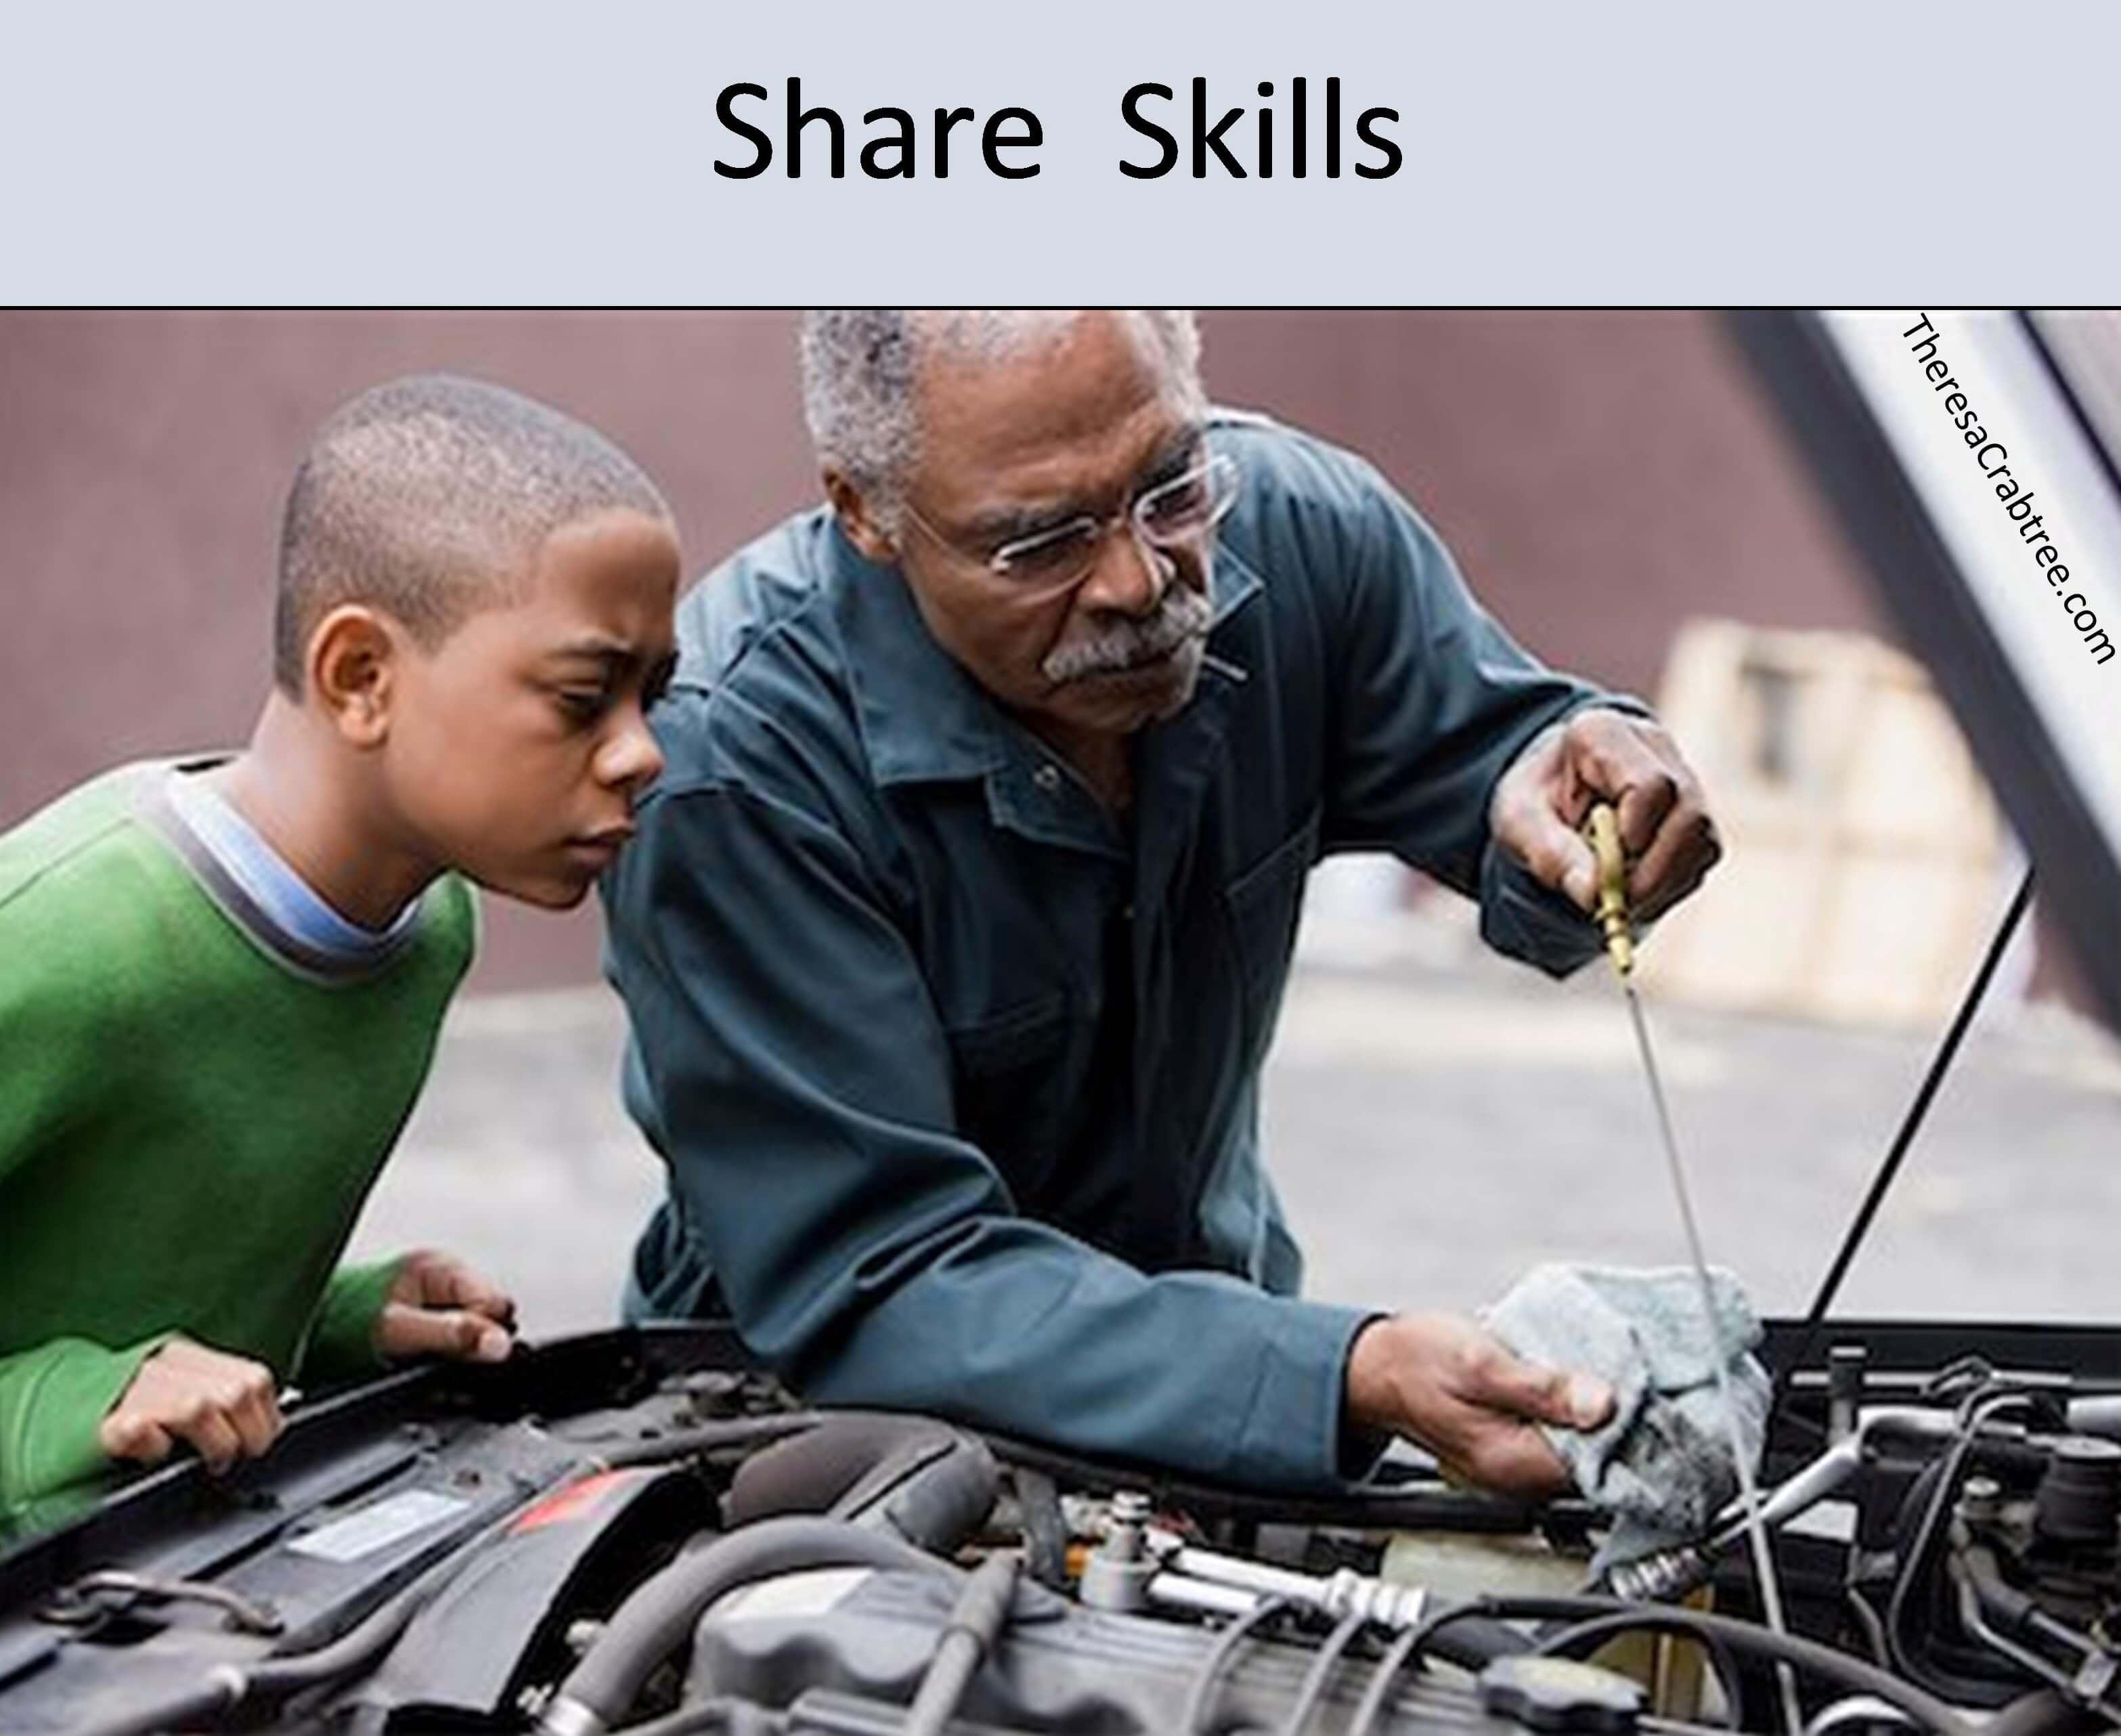 Share Skills